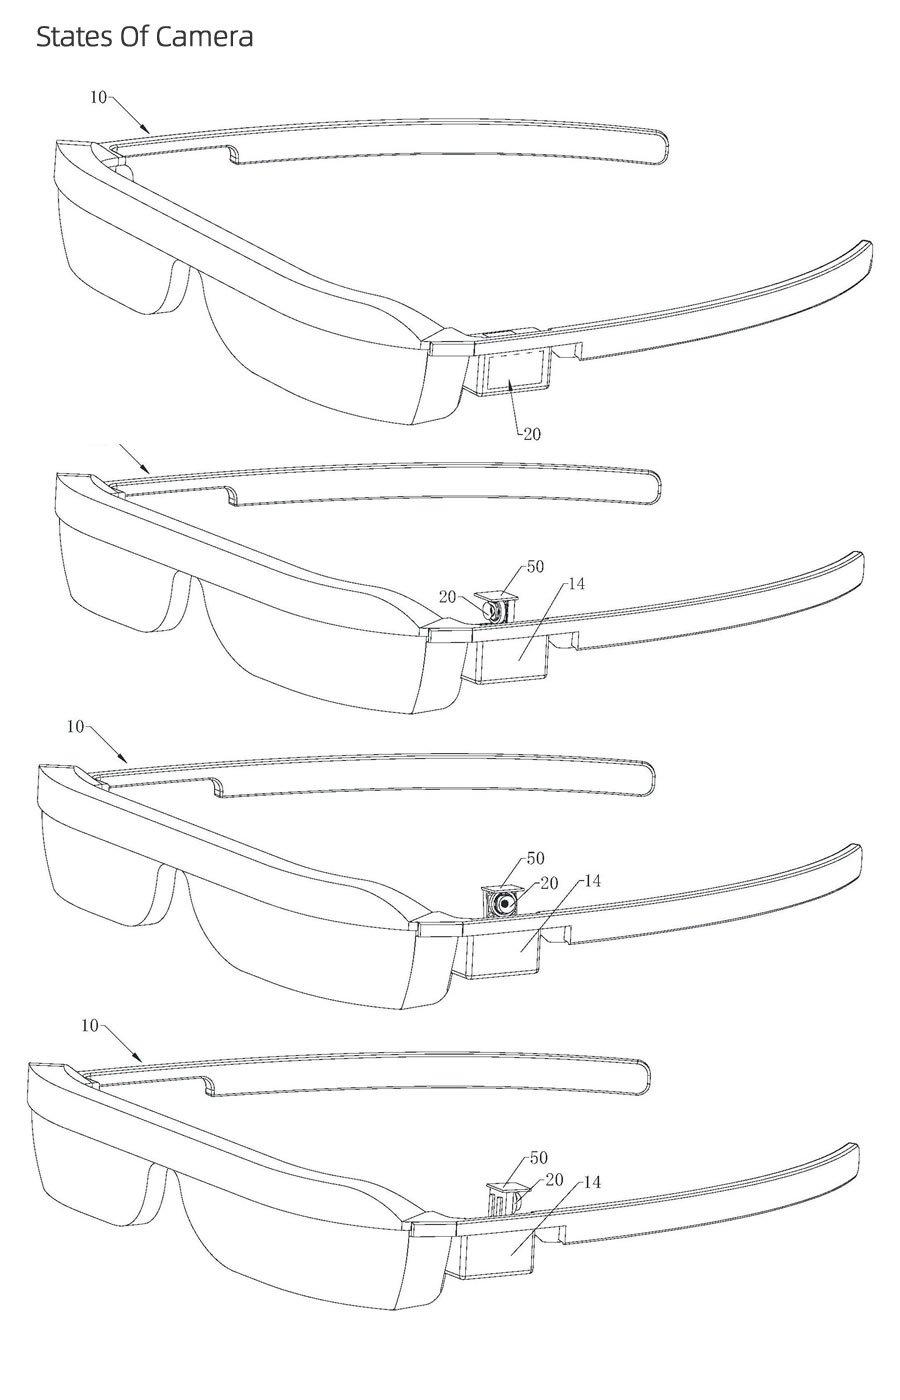 华为AR眼镜专利曝光:将采用旋转弹出式摄像头